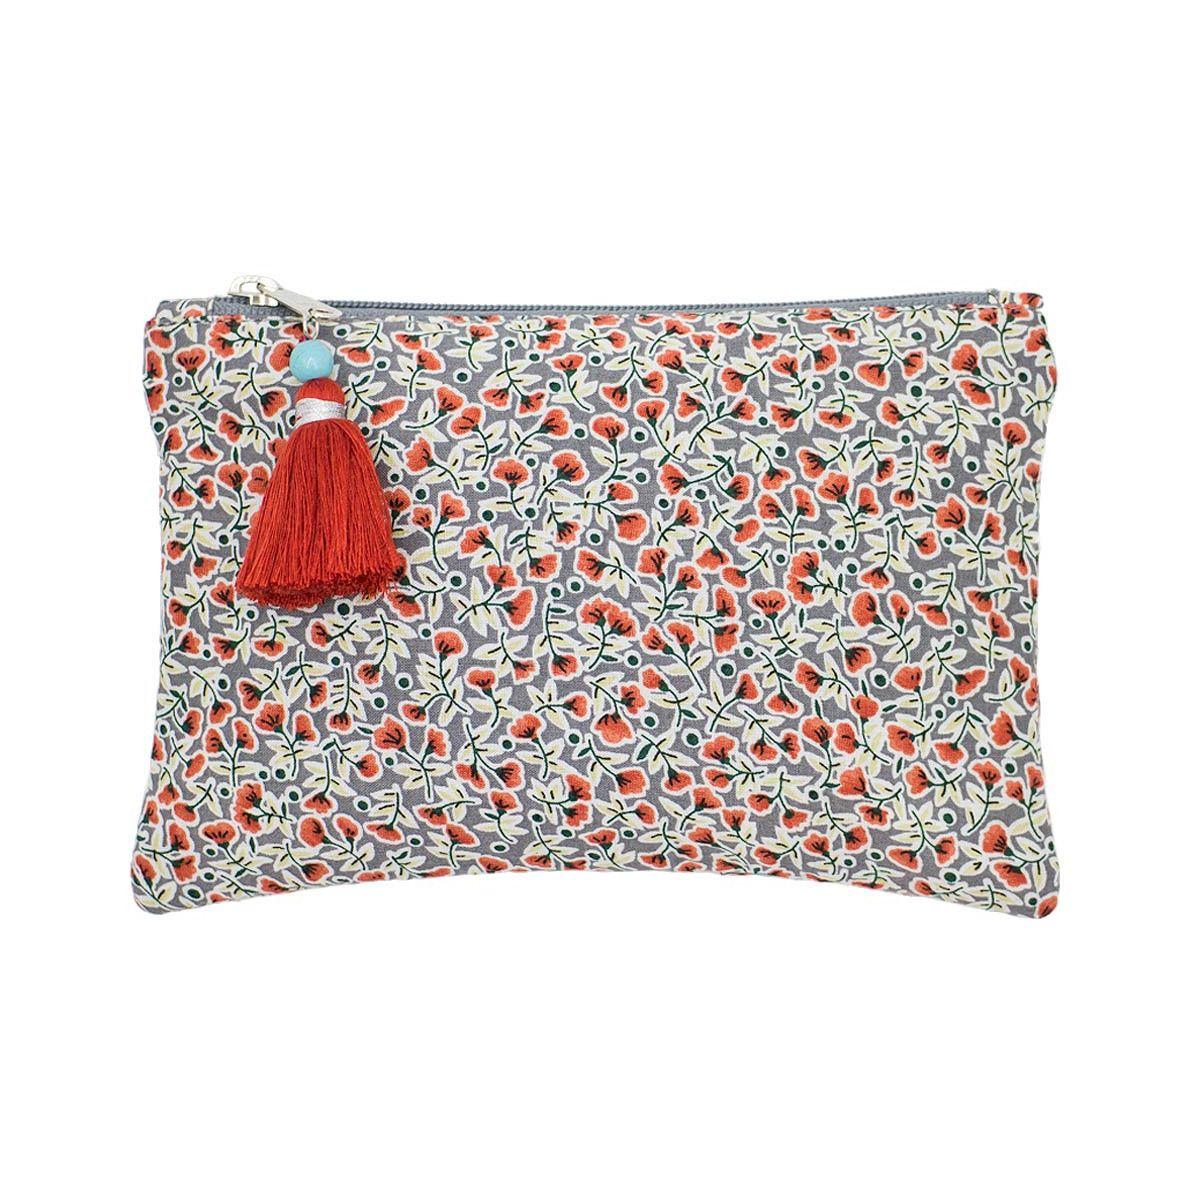 Petite pochette plate coton gris et petites fleurs rouges